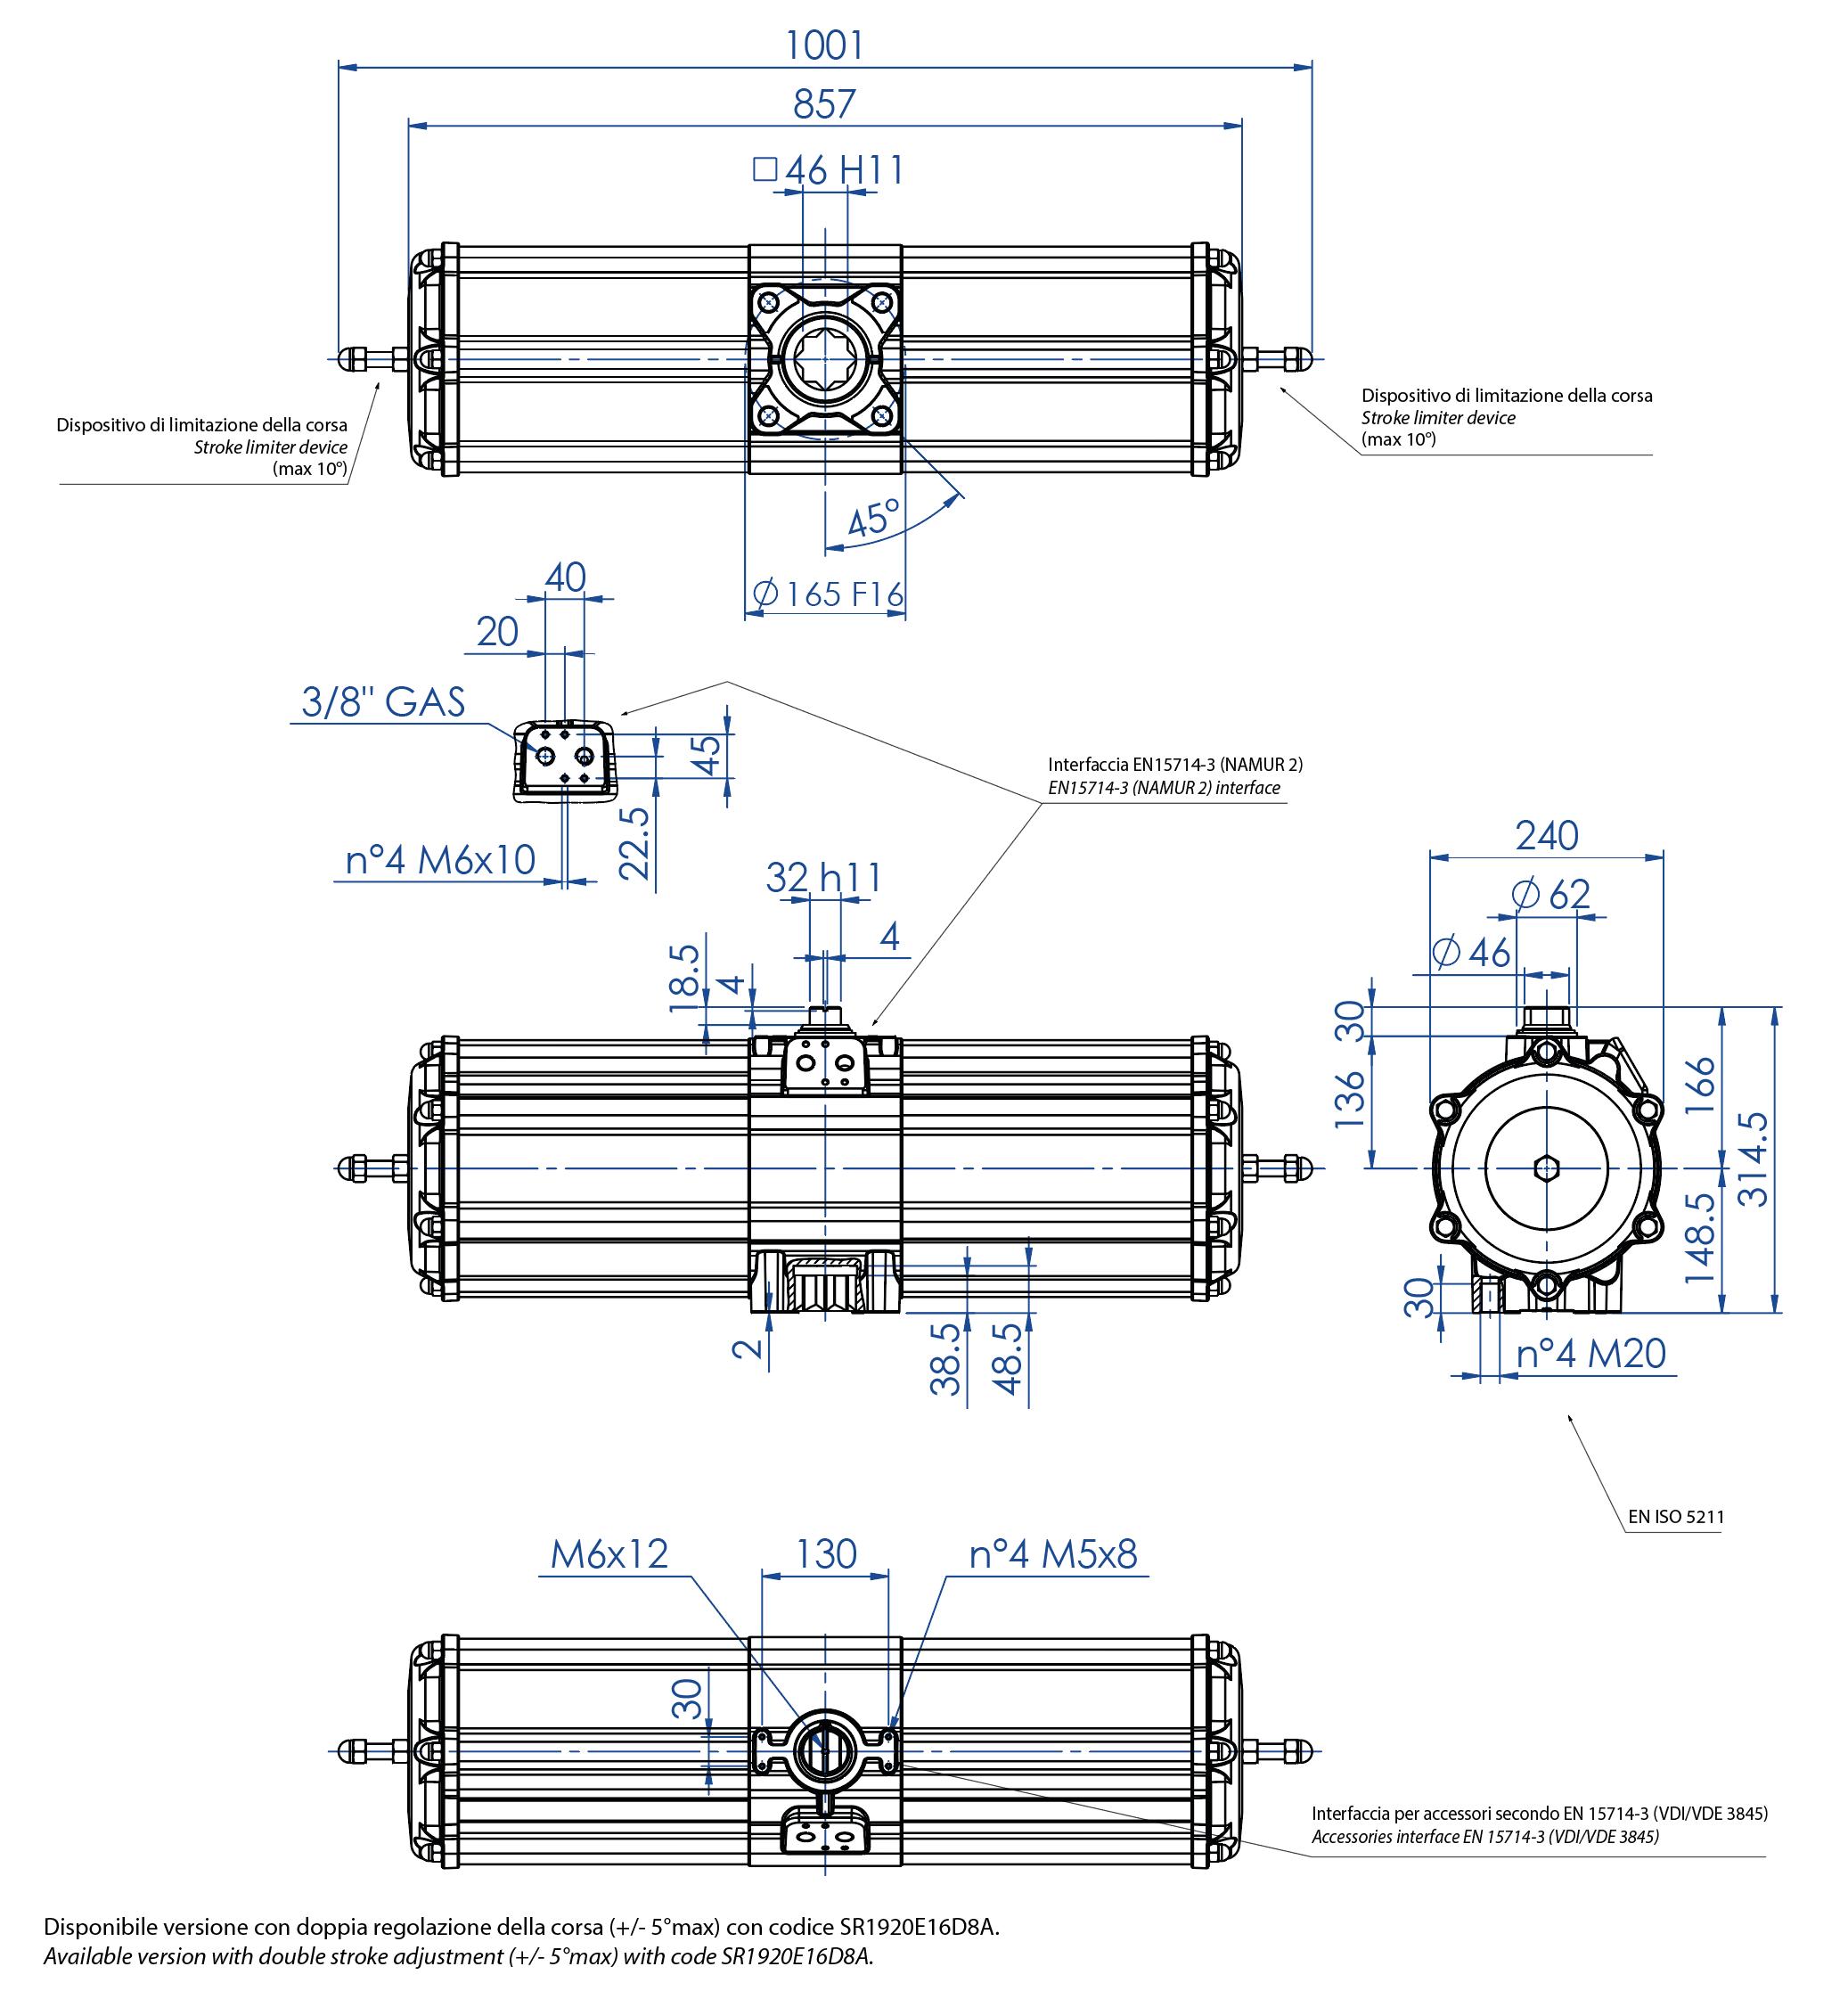 Aluminium GS (spring return) pneumatic actuator - dimensions - Spring return pneumatic actuator size GS1920 (Nm)